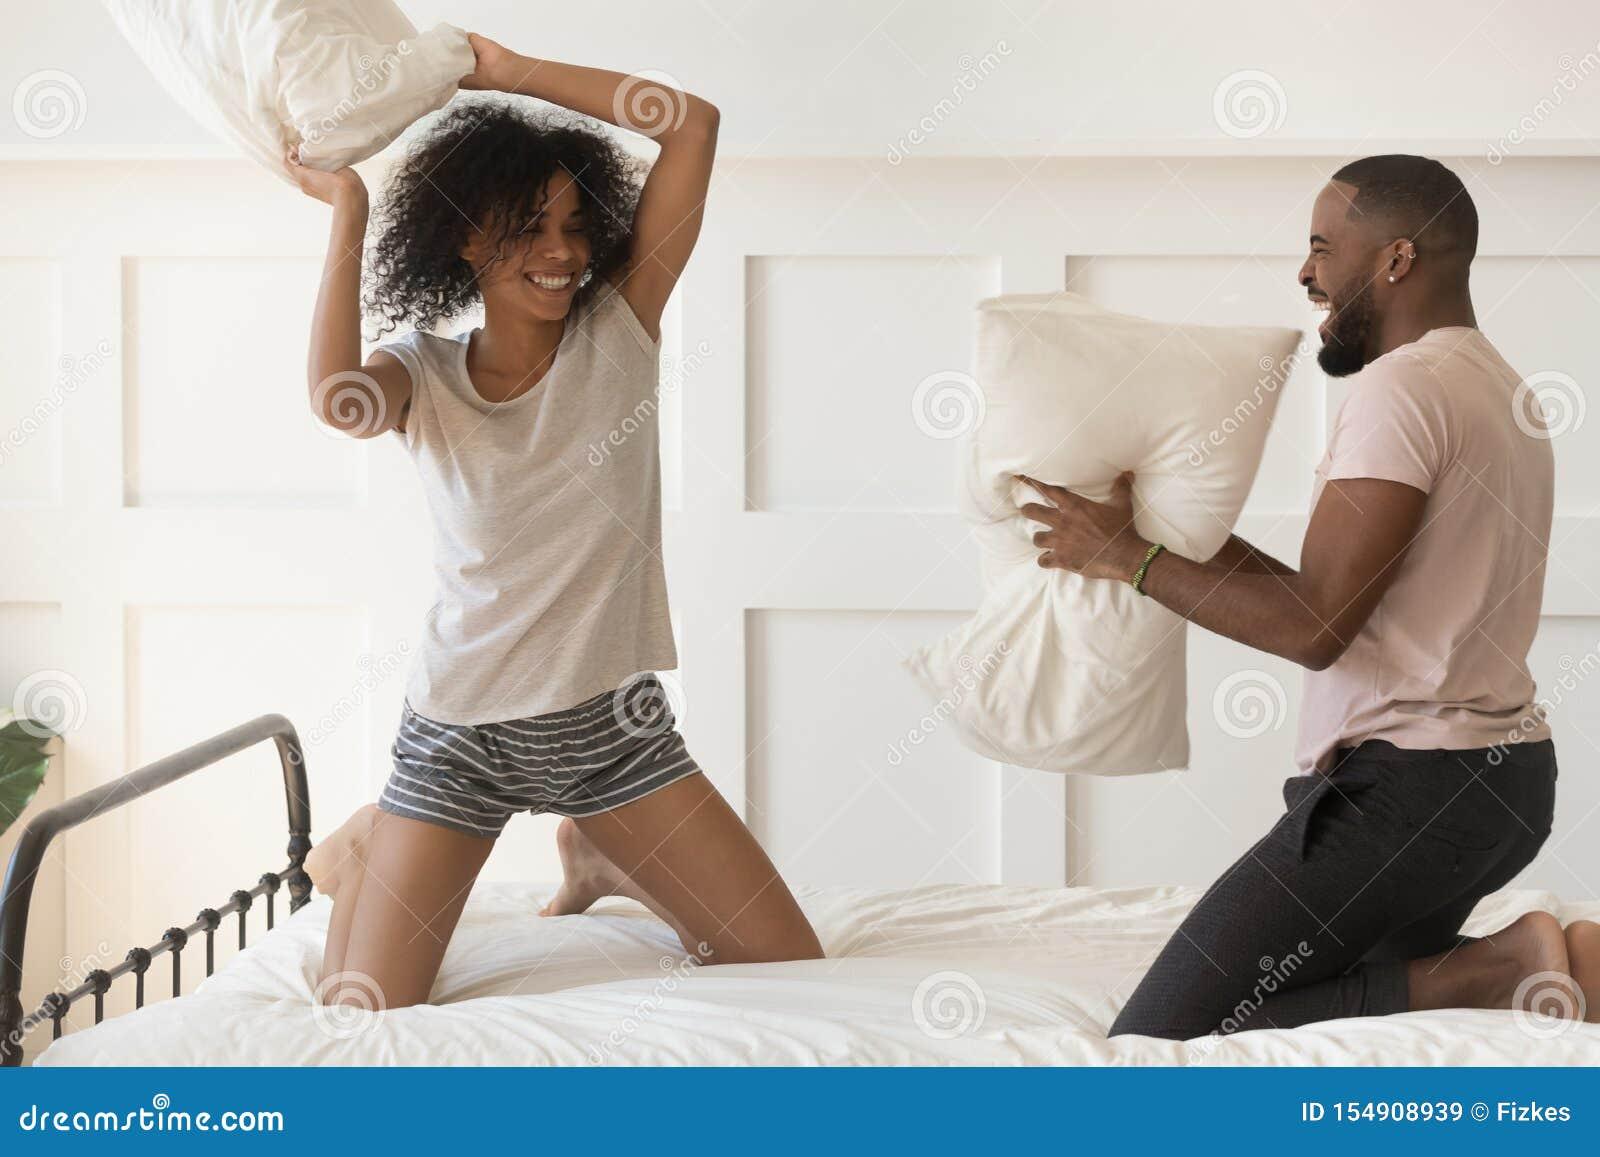 Los pares afroamericanos felices disfrutan de lucha de almohada en cama juntos